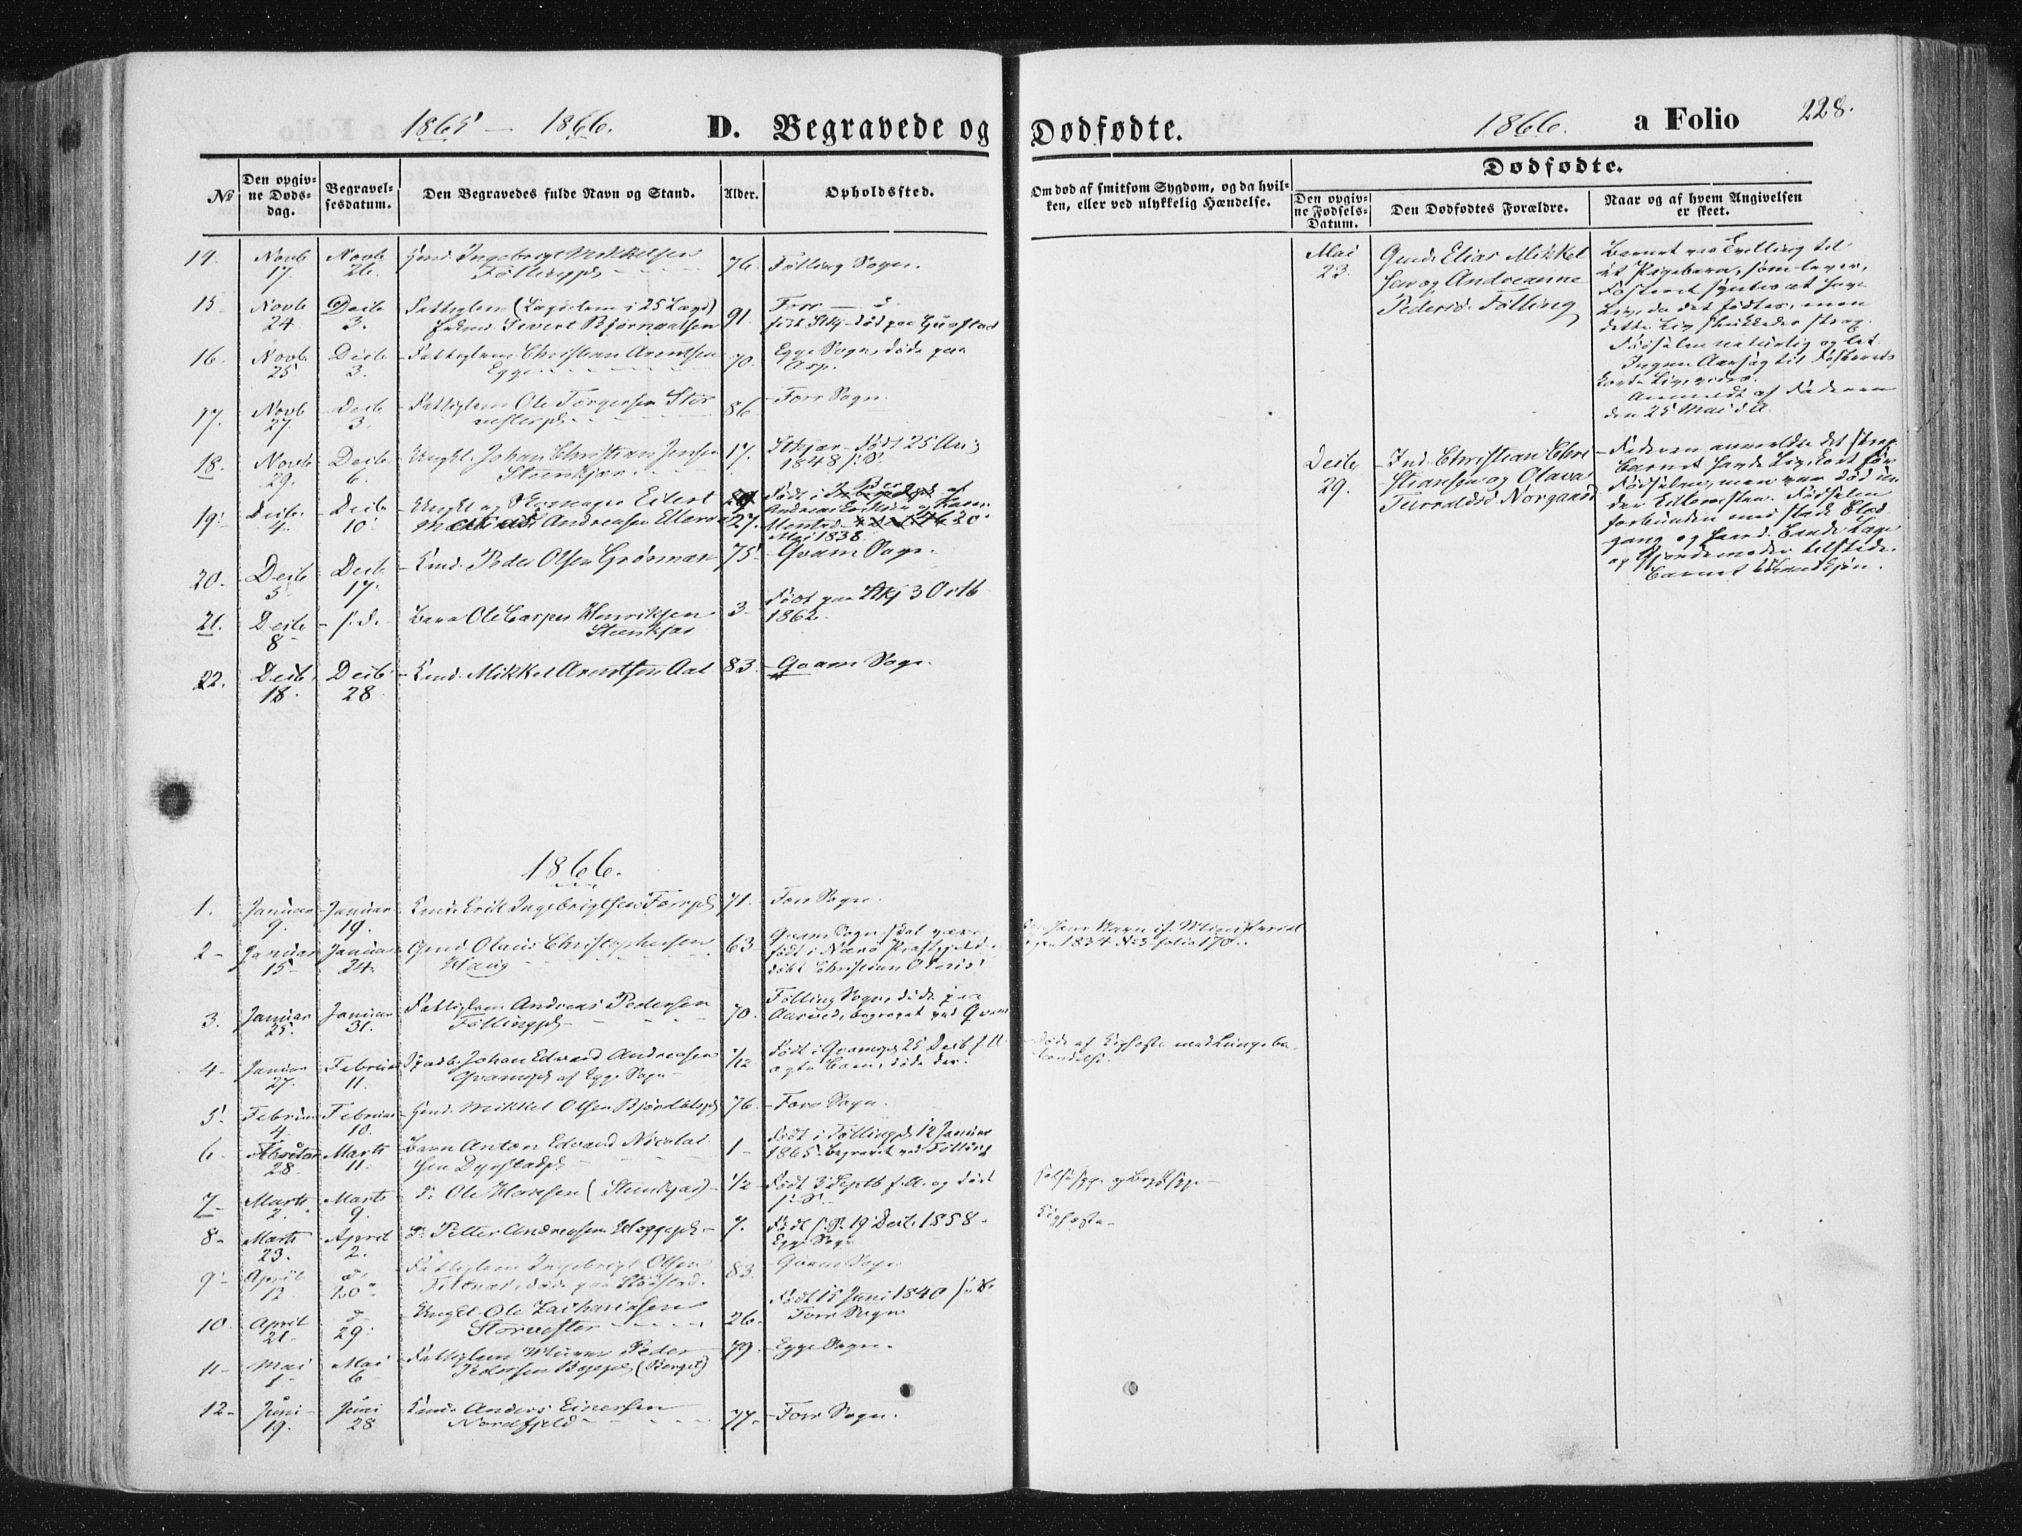 SAT, Ministerialprotokoller, klokkerbøker og fødselsregistre - Nord-Trøndelag, 746/L0447: Ministerialbok nr. 746A06, 1860-1877, s. 228